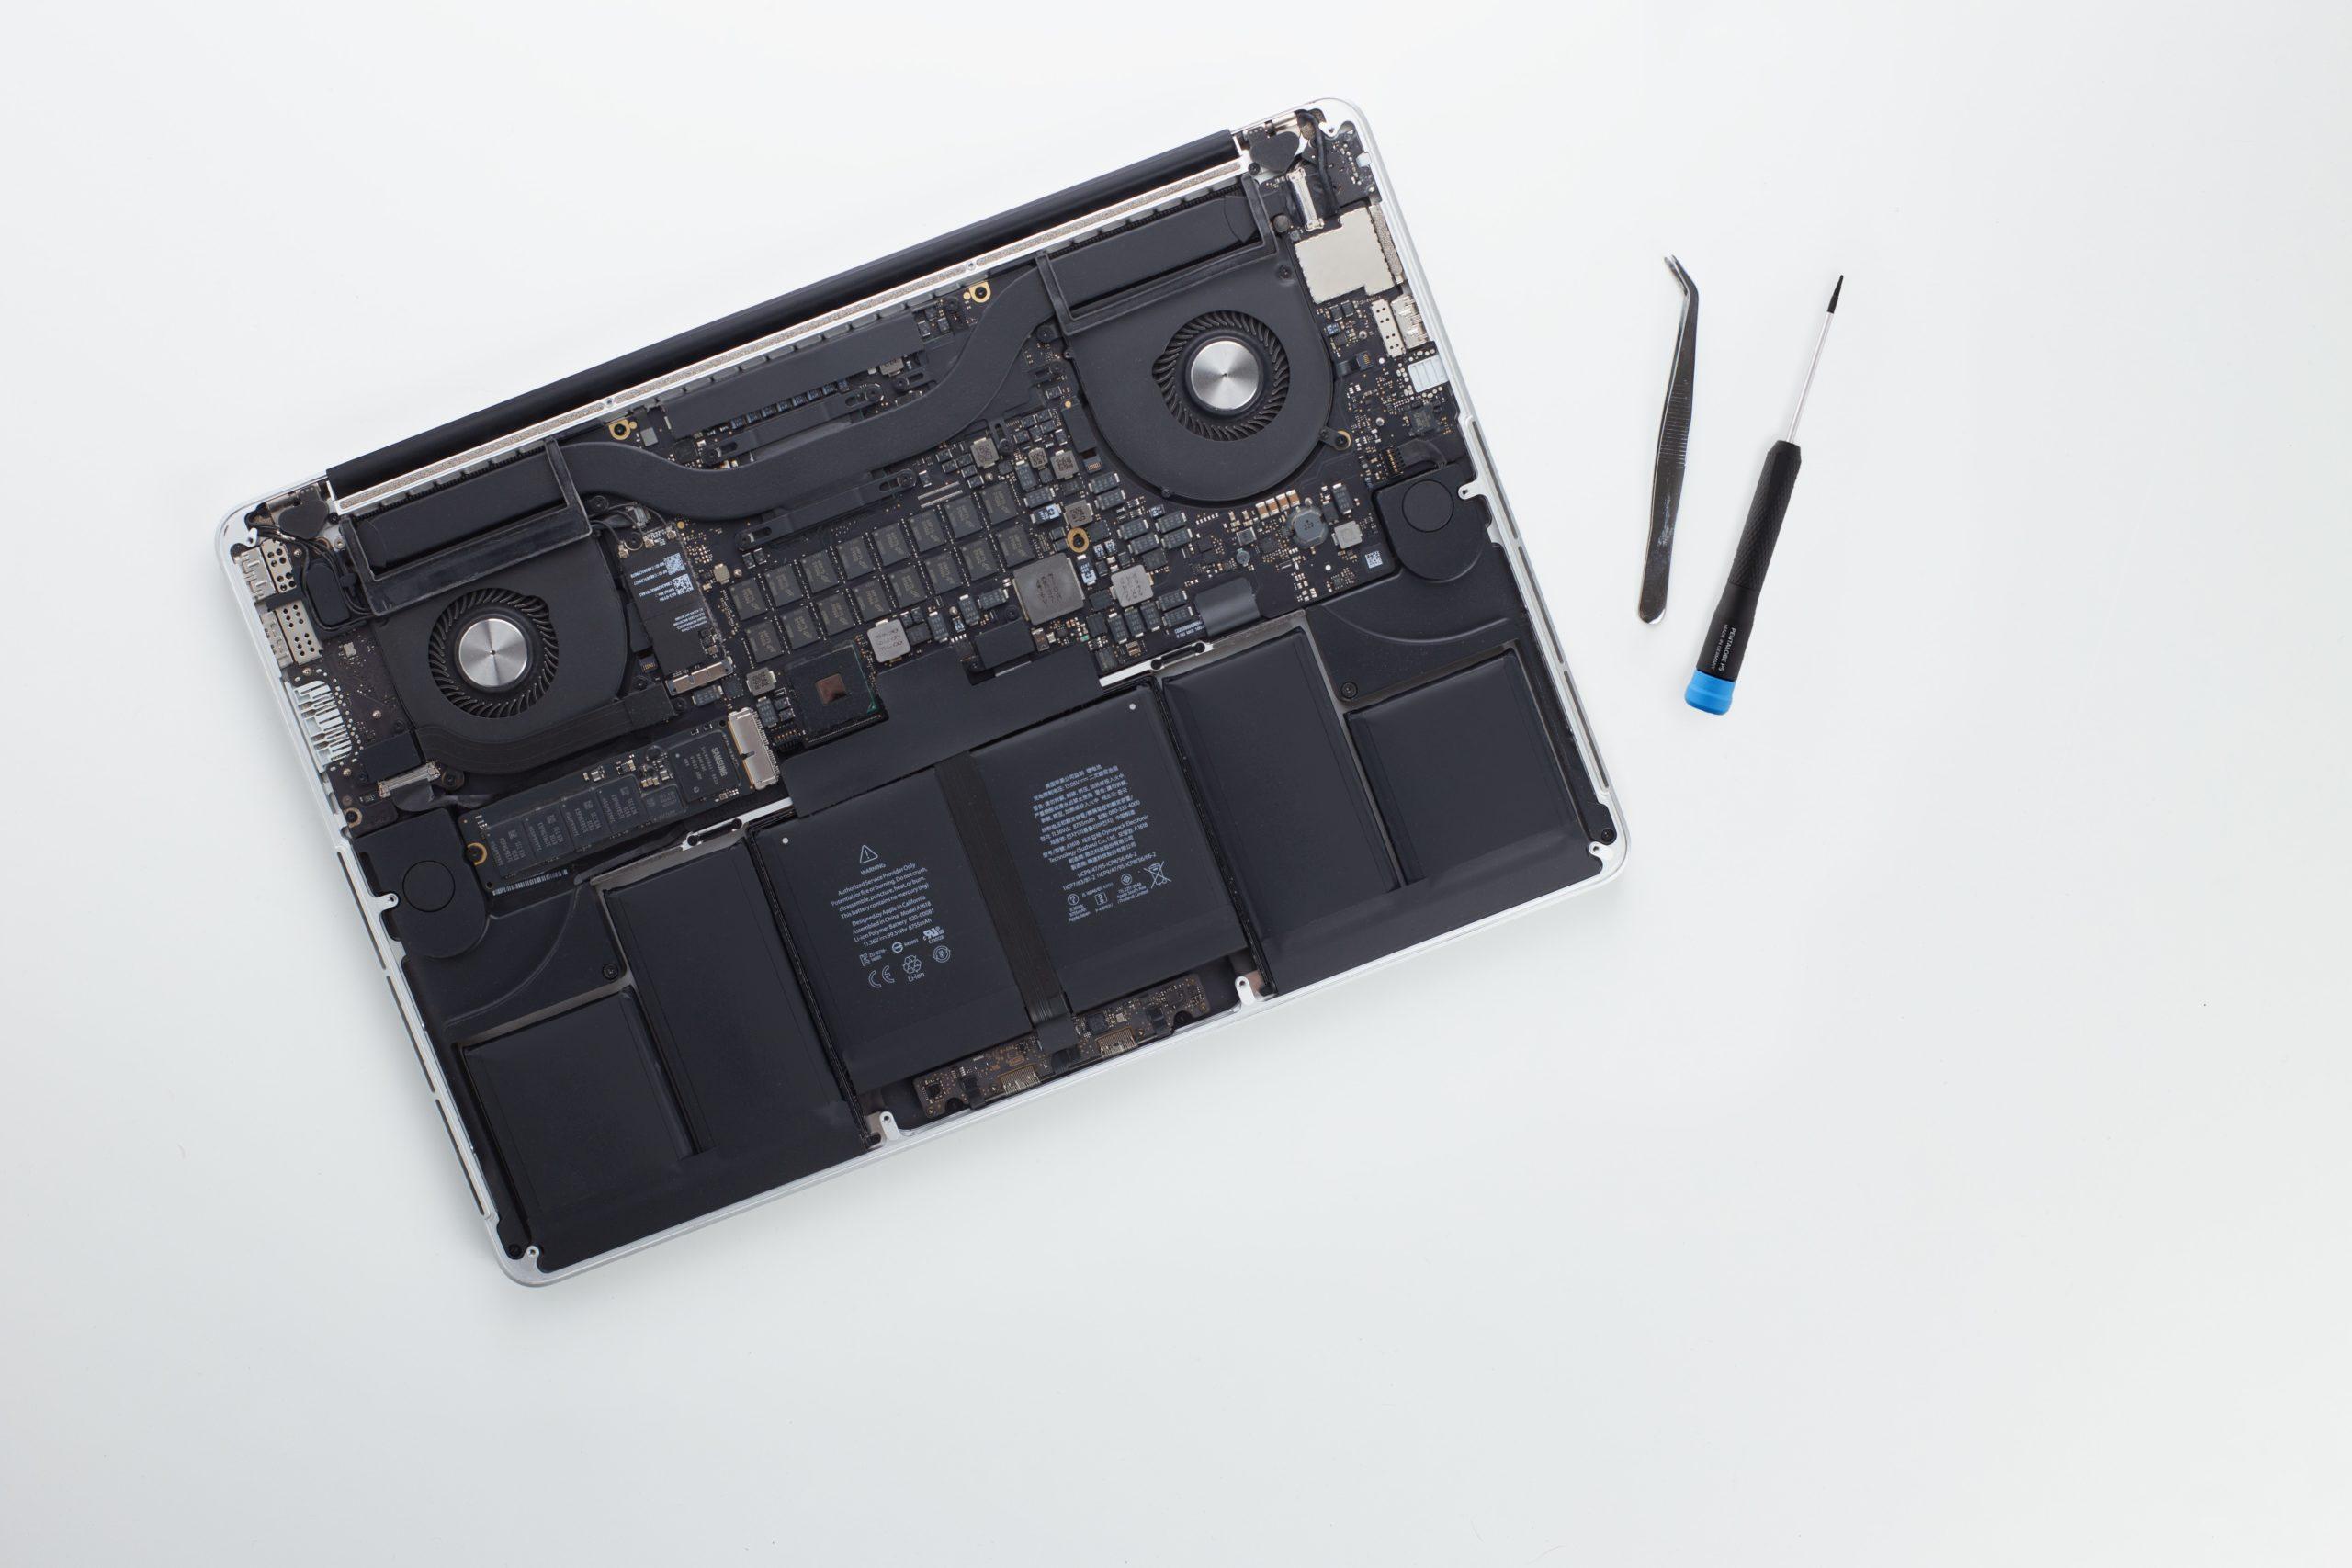 Riparazione dispositivo informatico